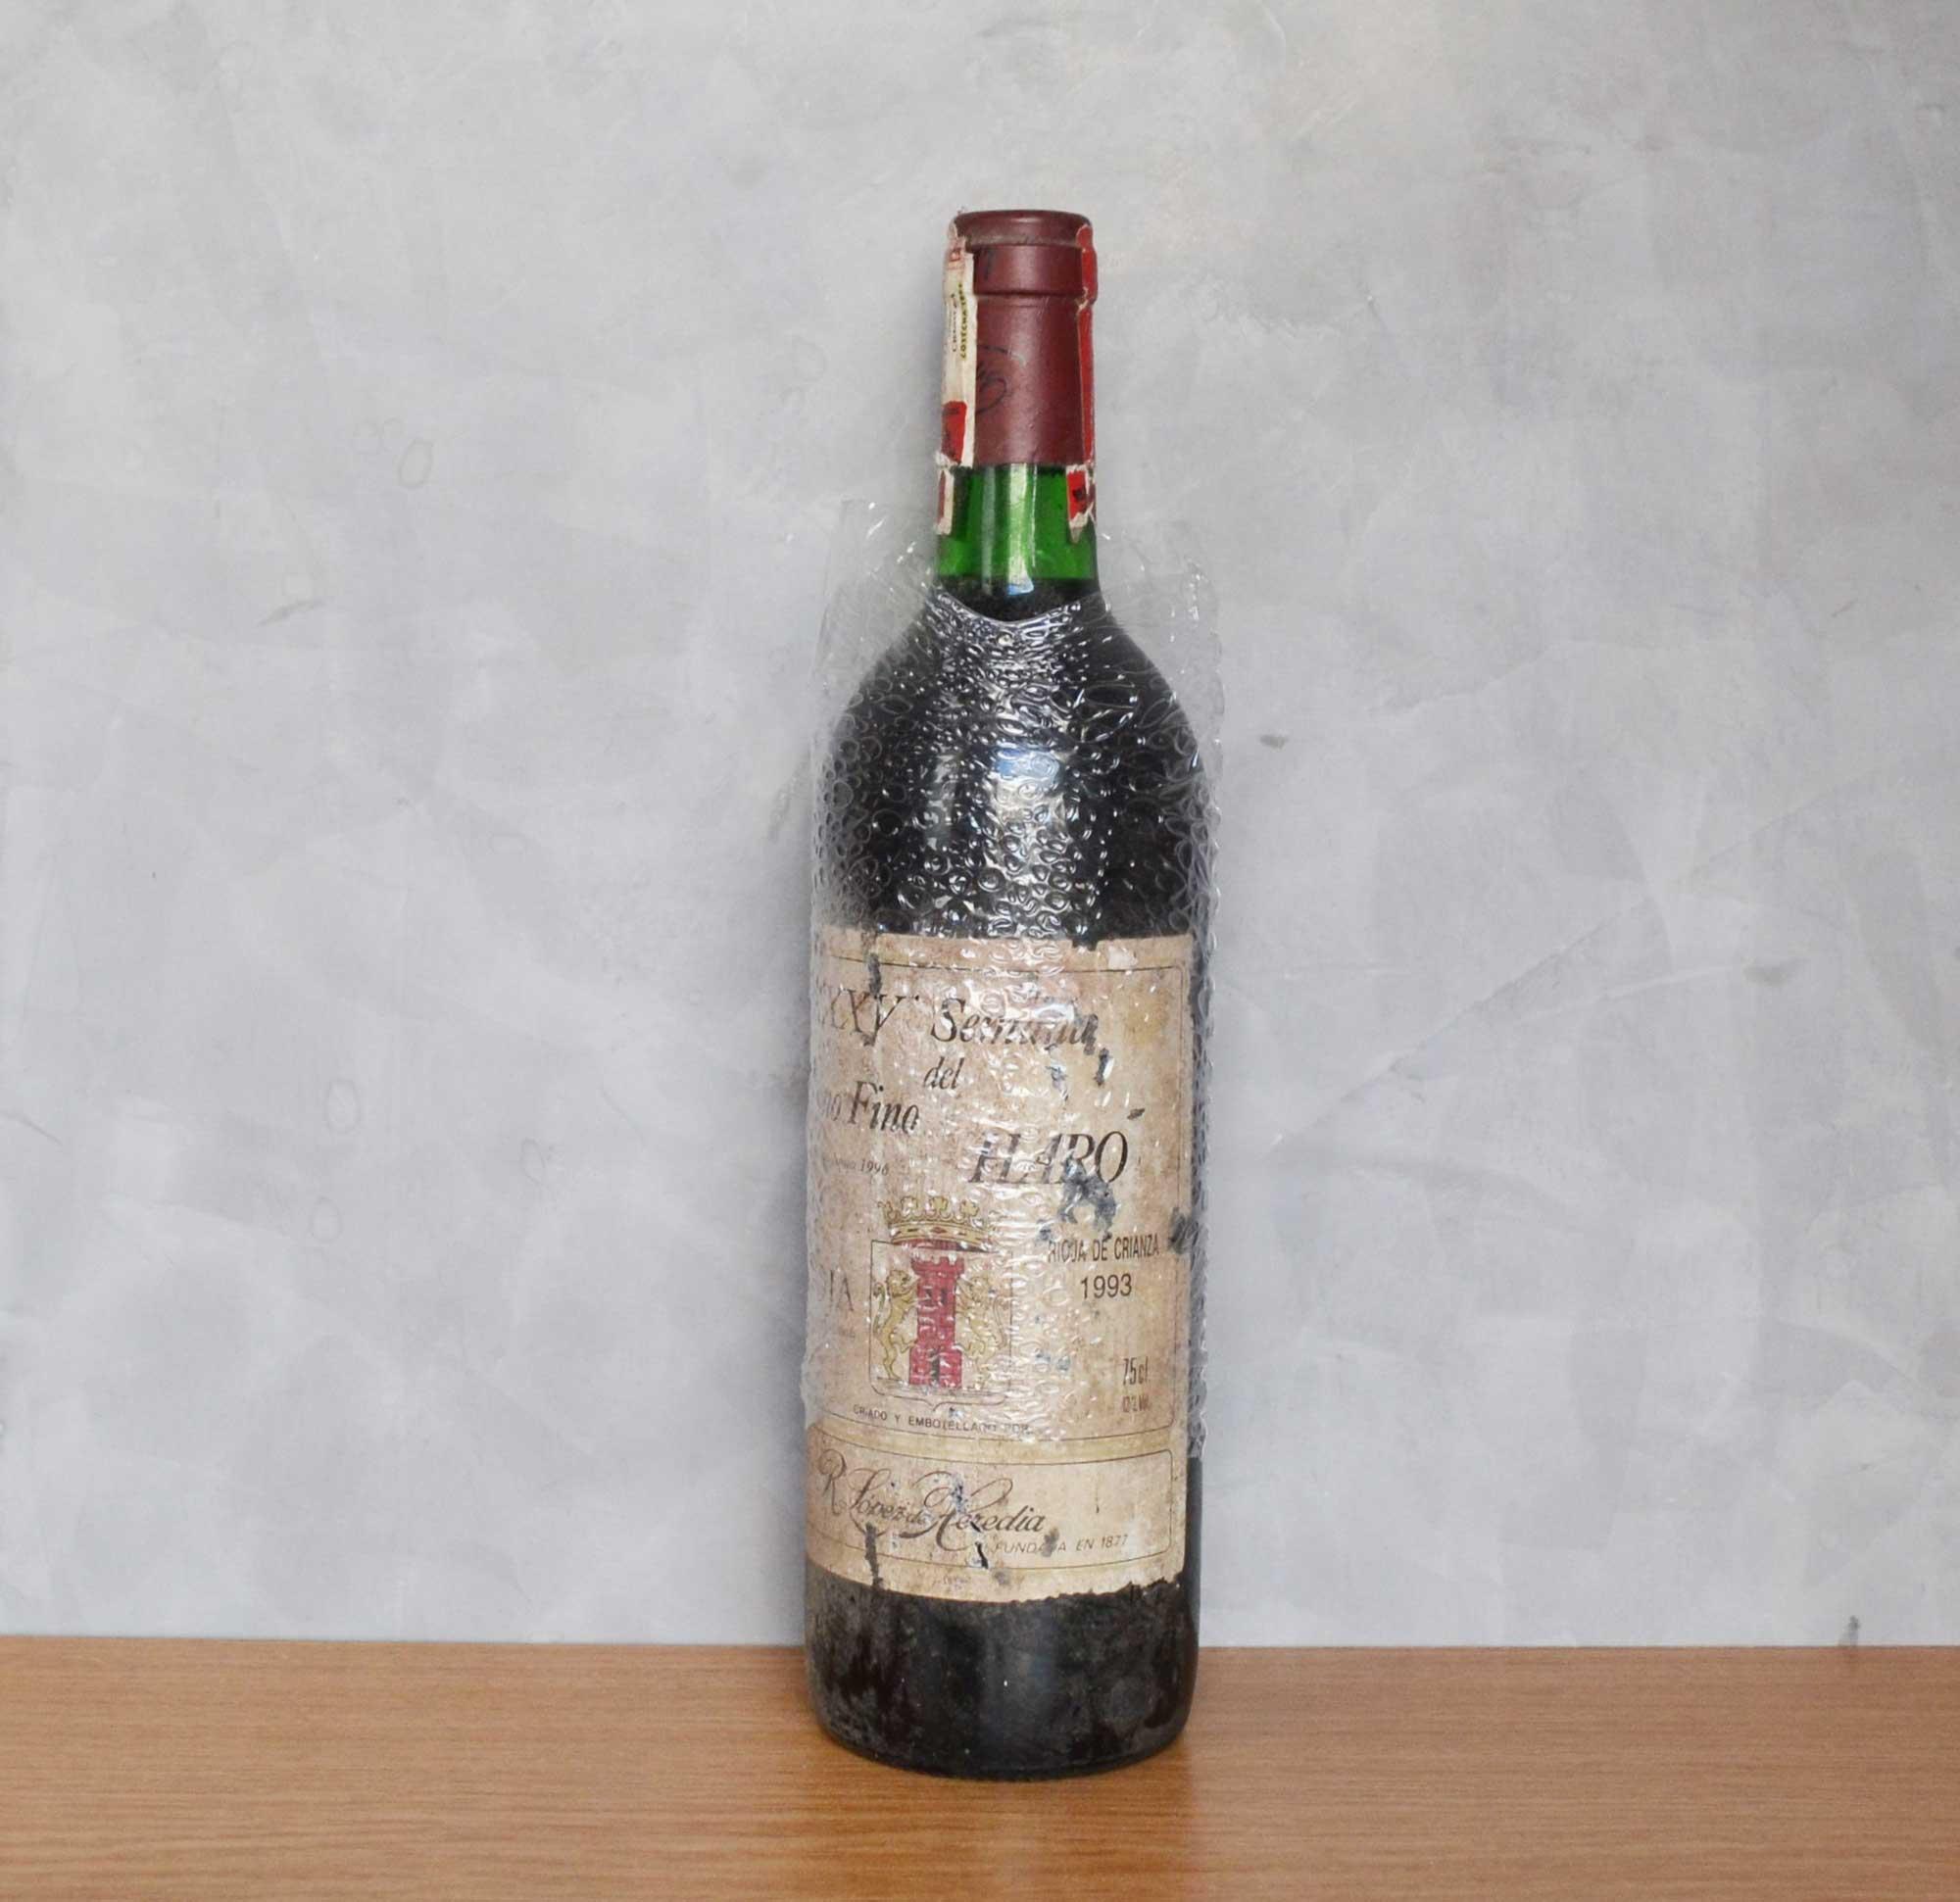 25 Haro Crianza Wine Week 1993